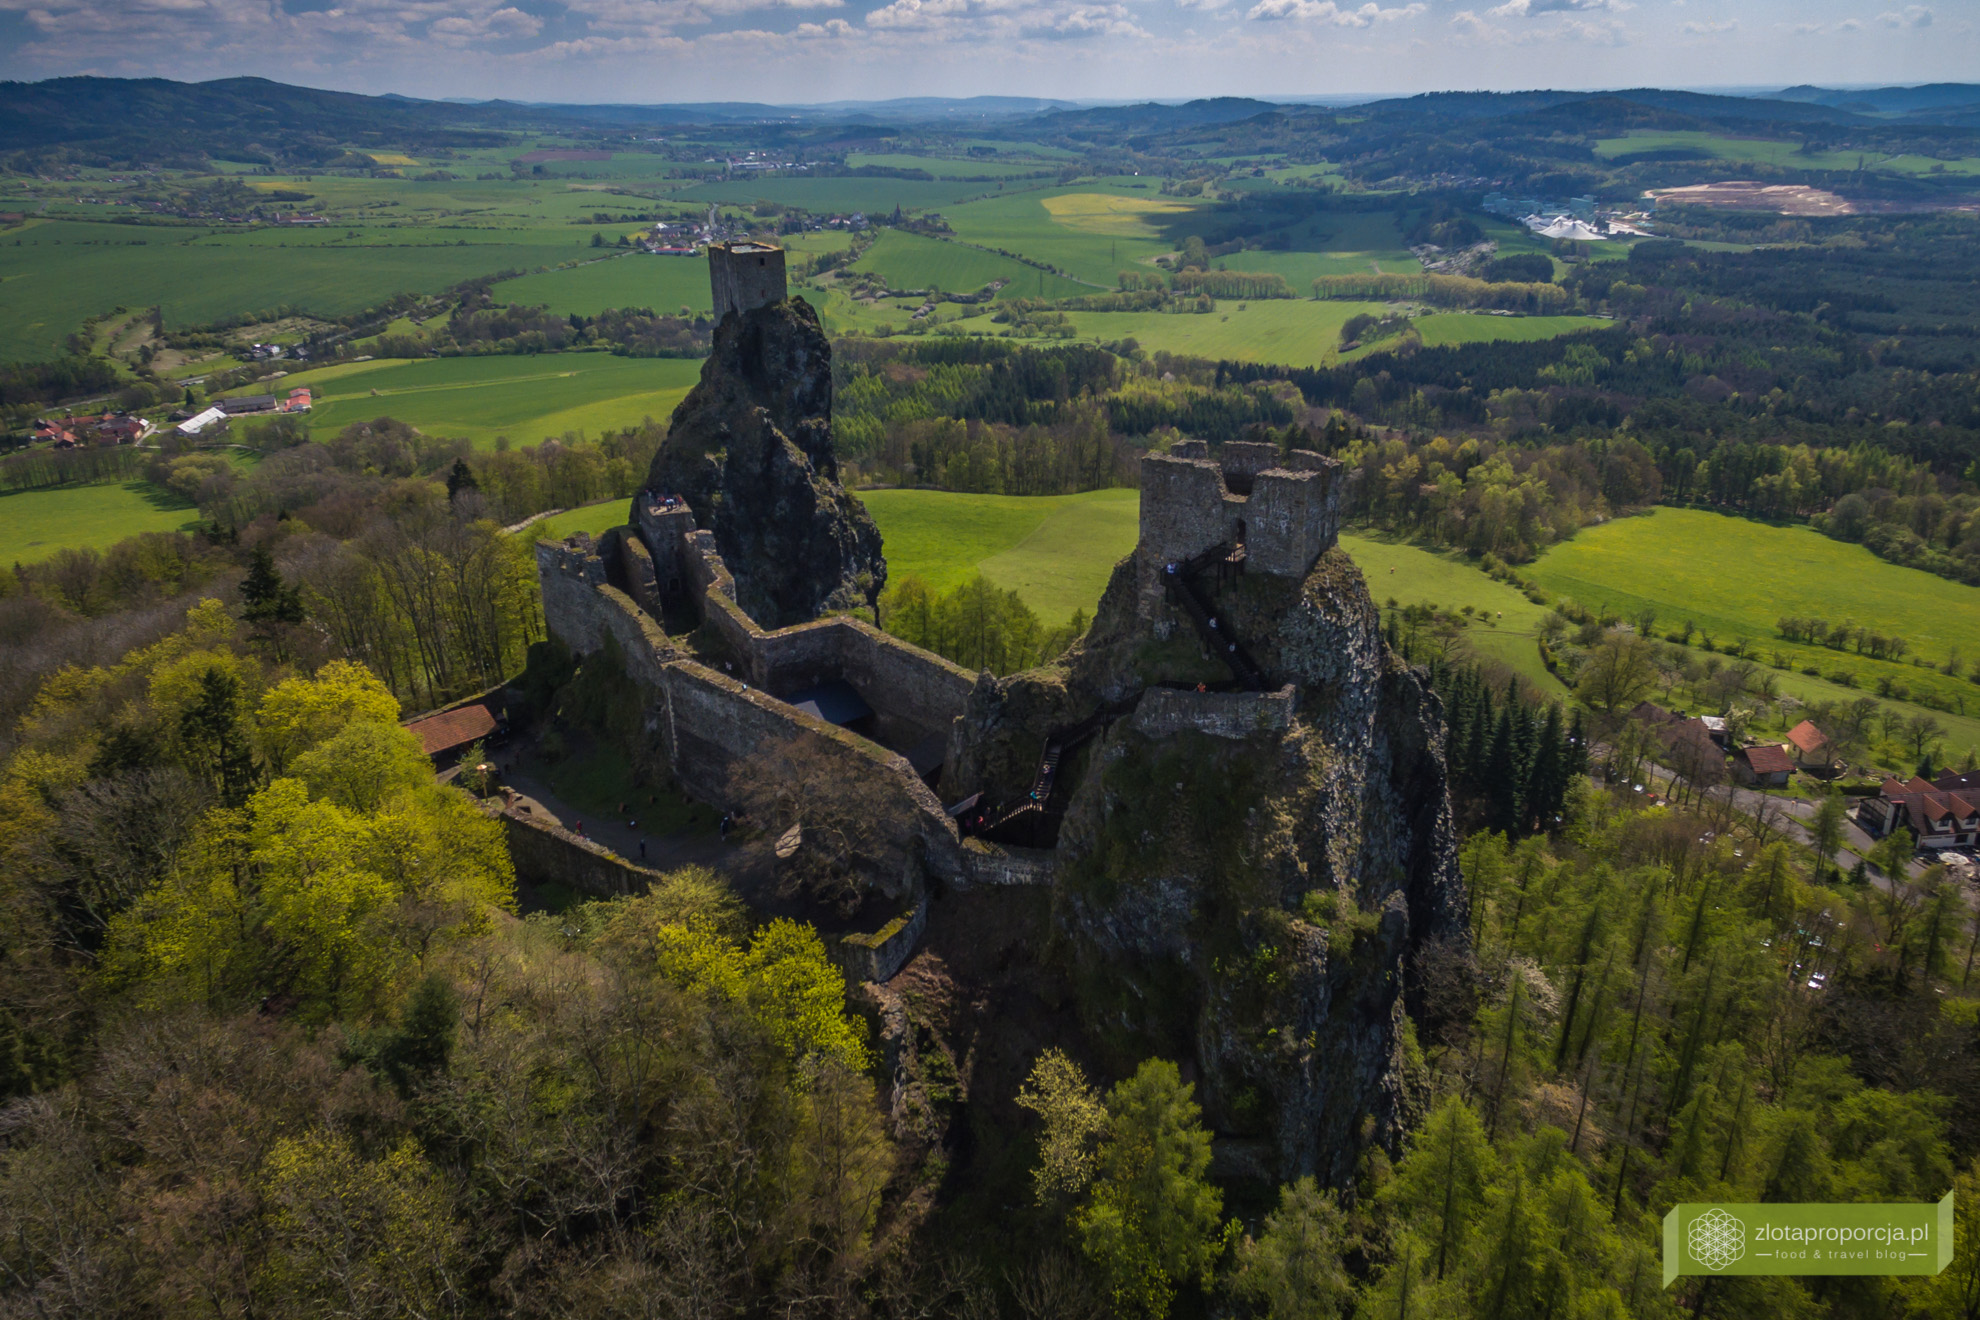 Czeski Raj, Czeski Raj zdjęcia, Czeski Raj miasta skalne, zamek Trosky, symbol Czeskiego Raju